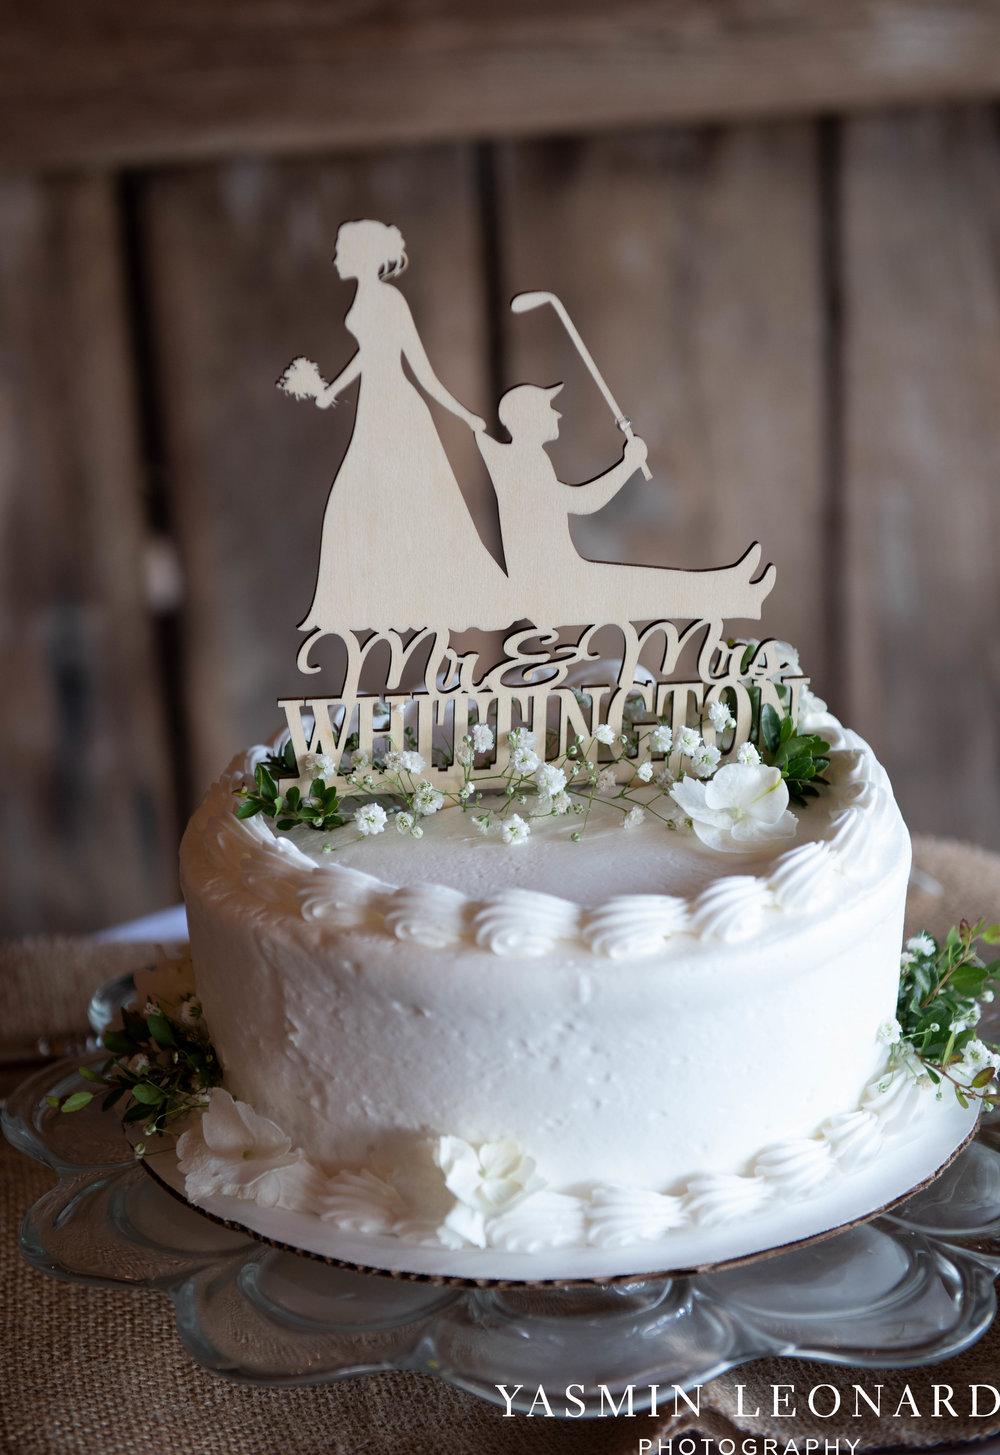 L'abri at Linwood - Yasmin Leonard Photography - NC Wedding Venues - NC Weddings - NC Photographer - High Point Wedding Photographer - Charlotte Wedding Photographer - Pink and Navy Wedding - Pale Pink Wedding - Outdoor Summer Wedding-83.jpg